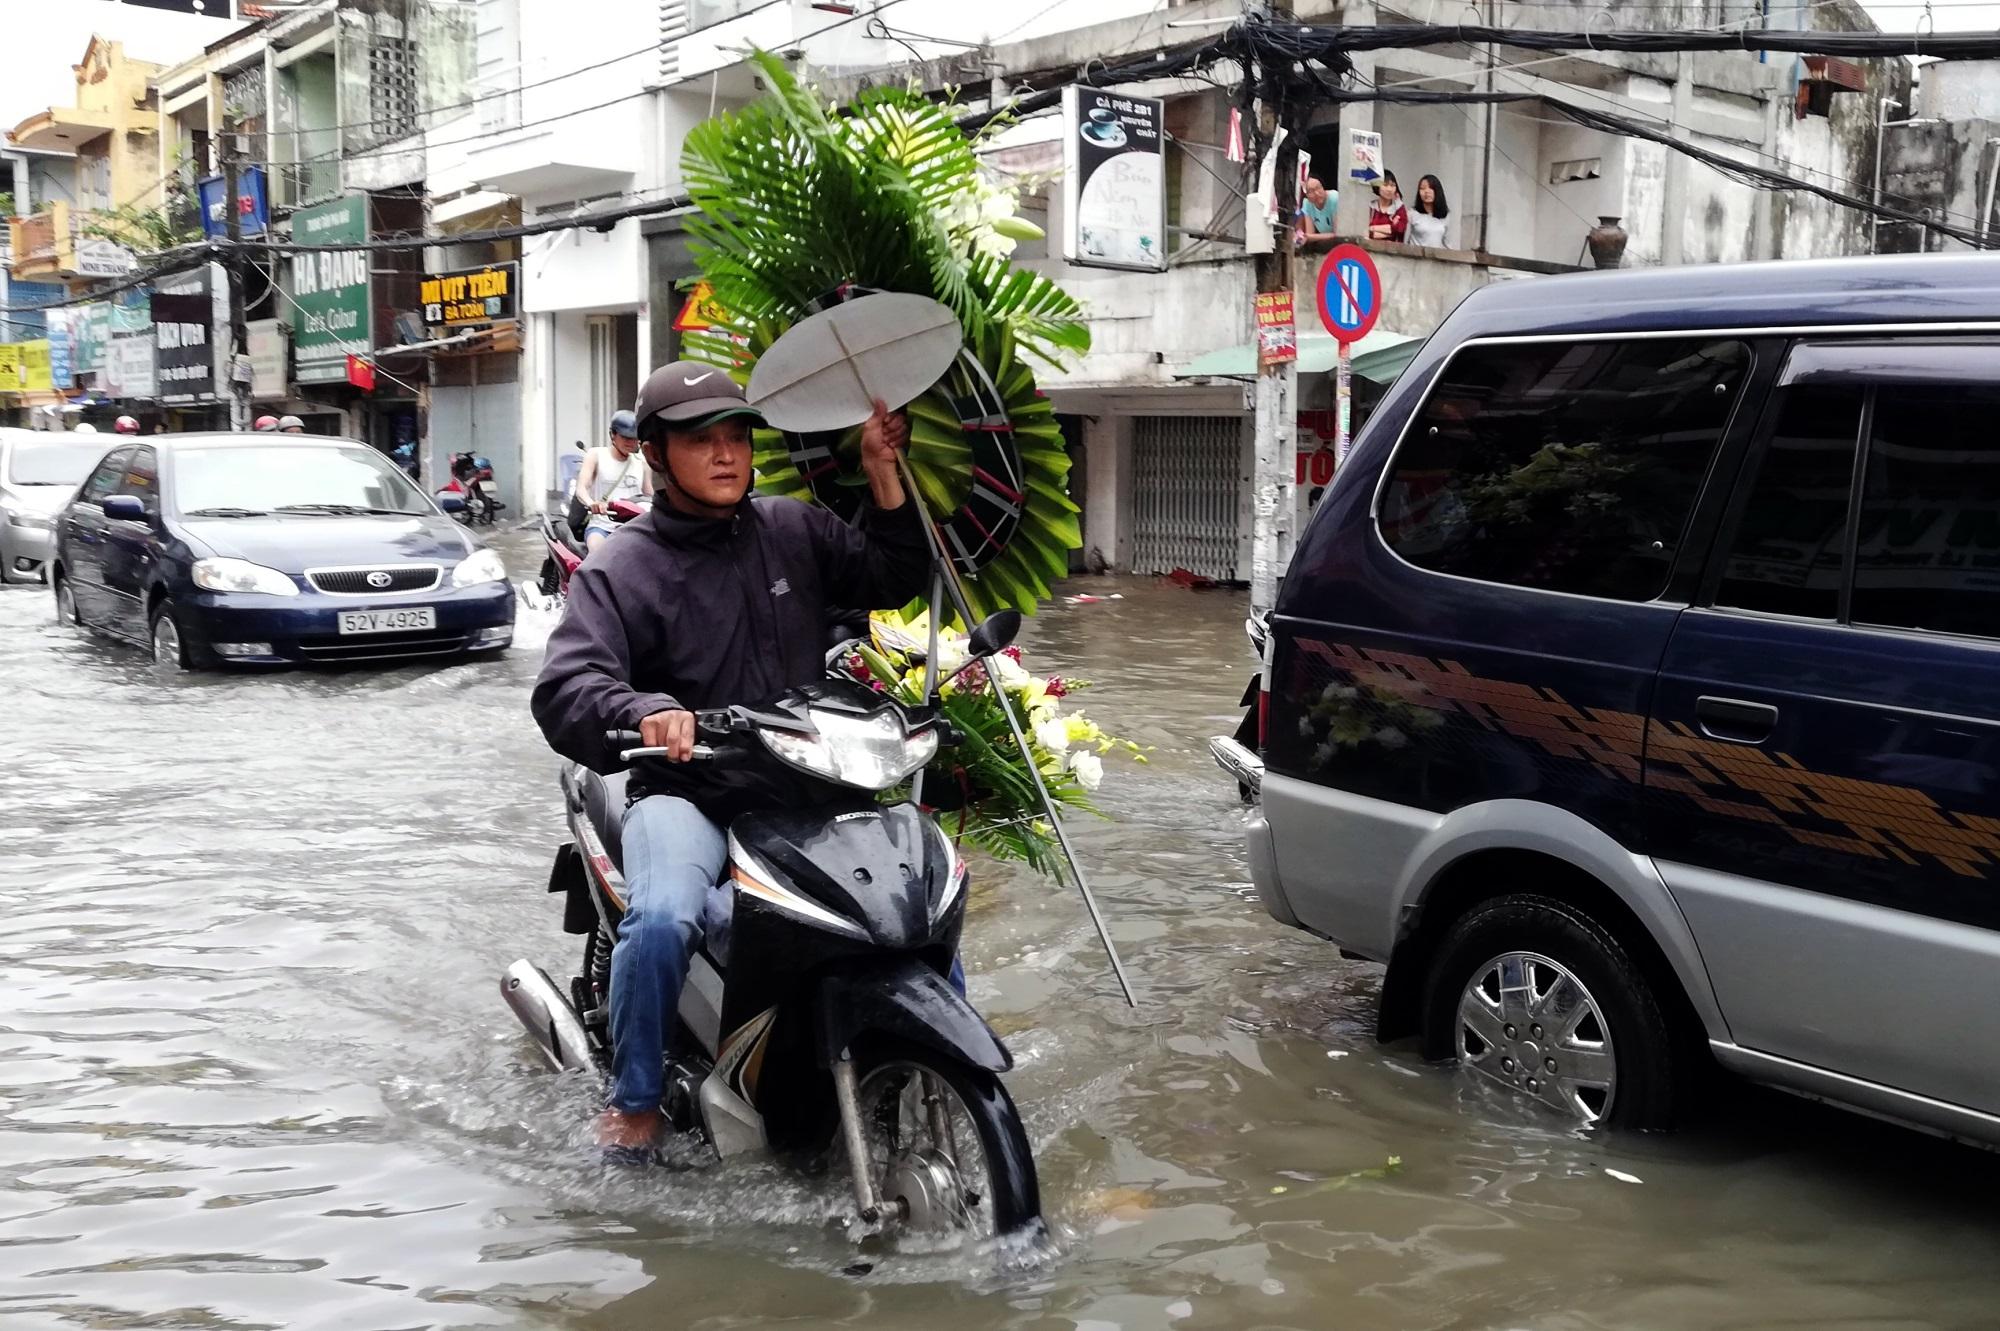 Sau một đêm tơi tả trong bão lịch sử, người Sài Gòn tiếp tục thở không ra hơi vì ngập nước kẹt xe nhiều giờ - Ảnh 13